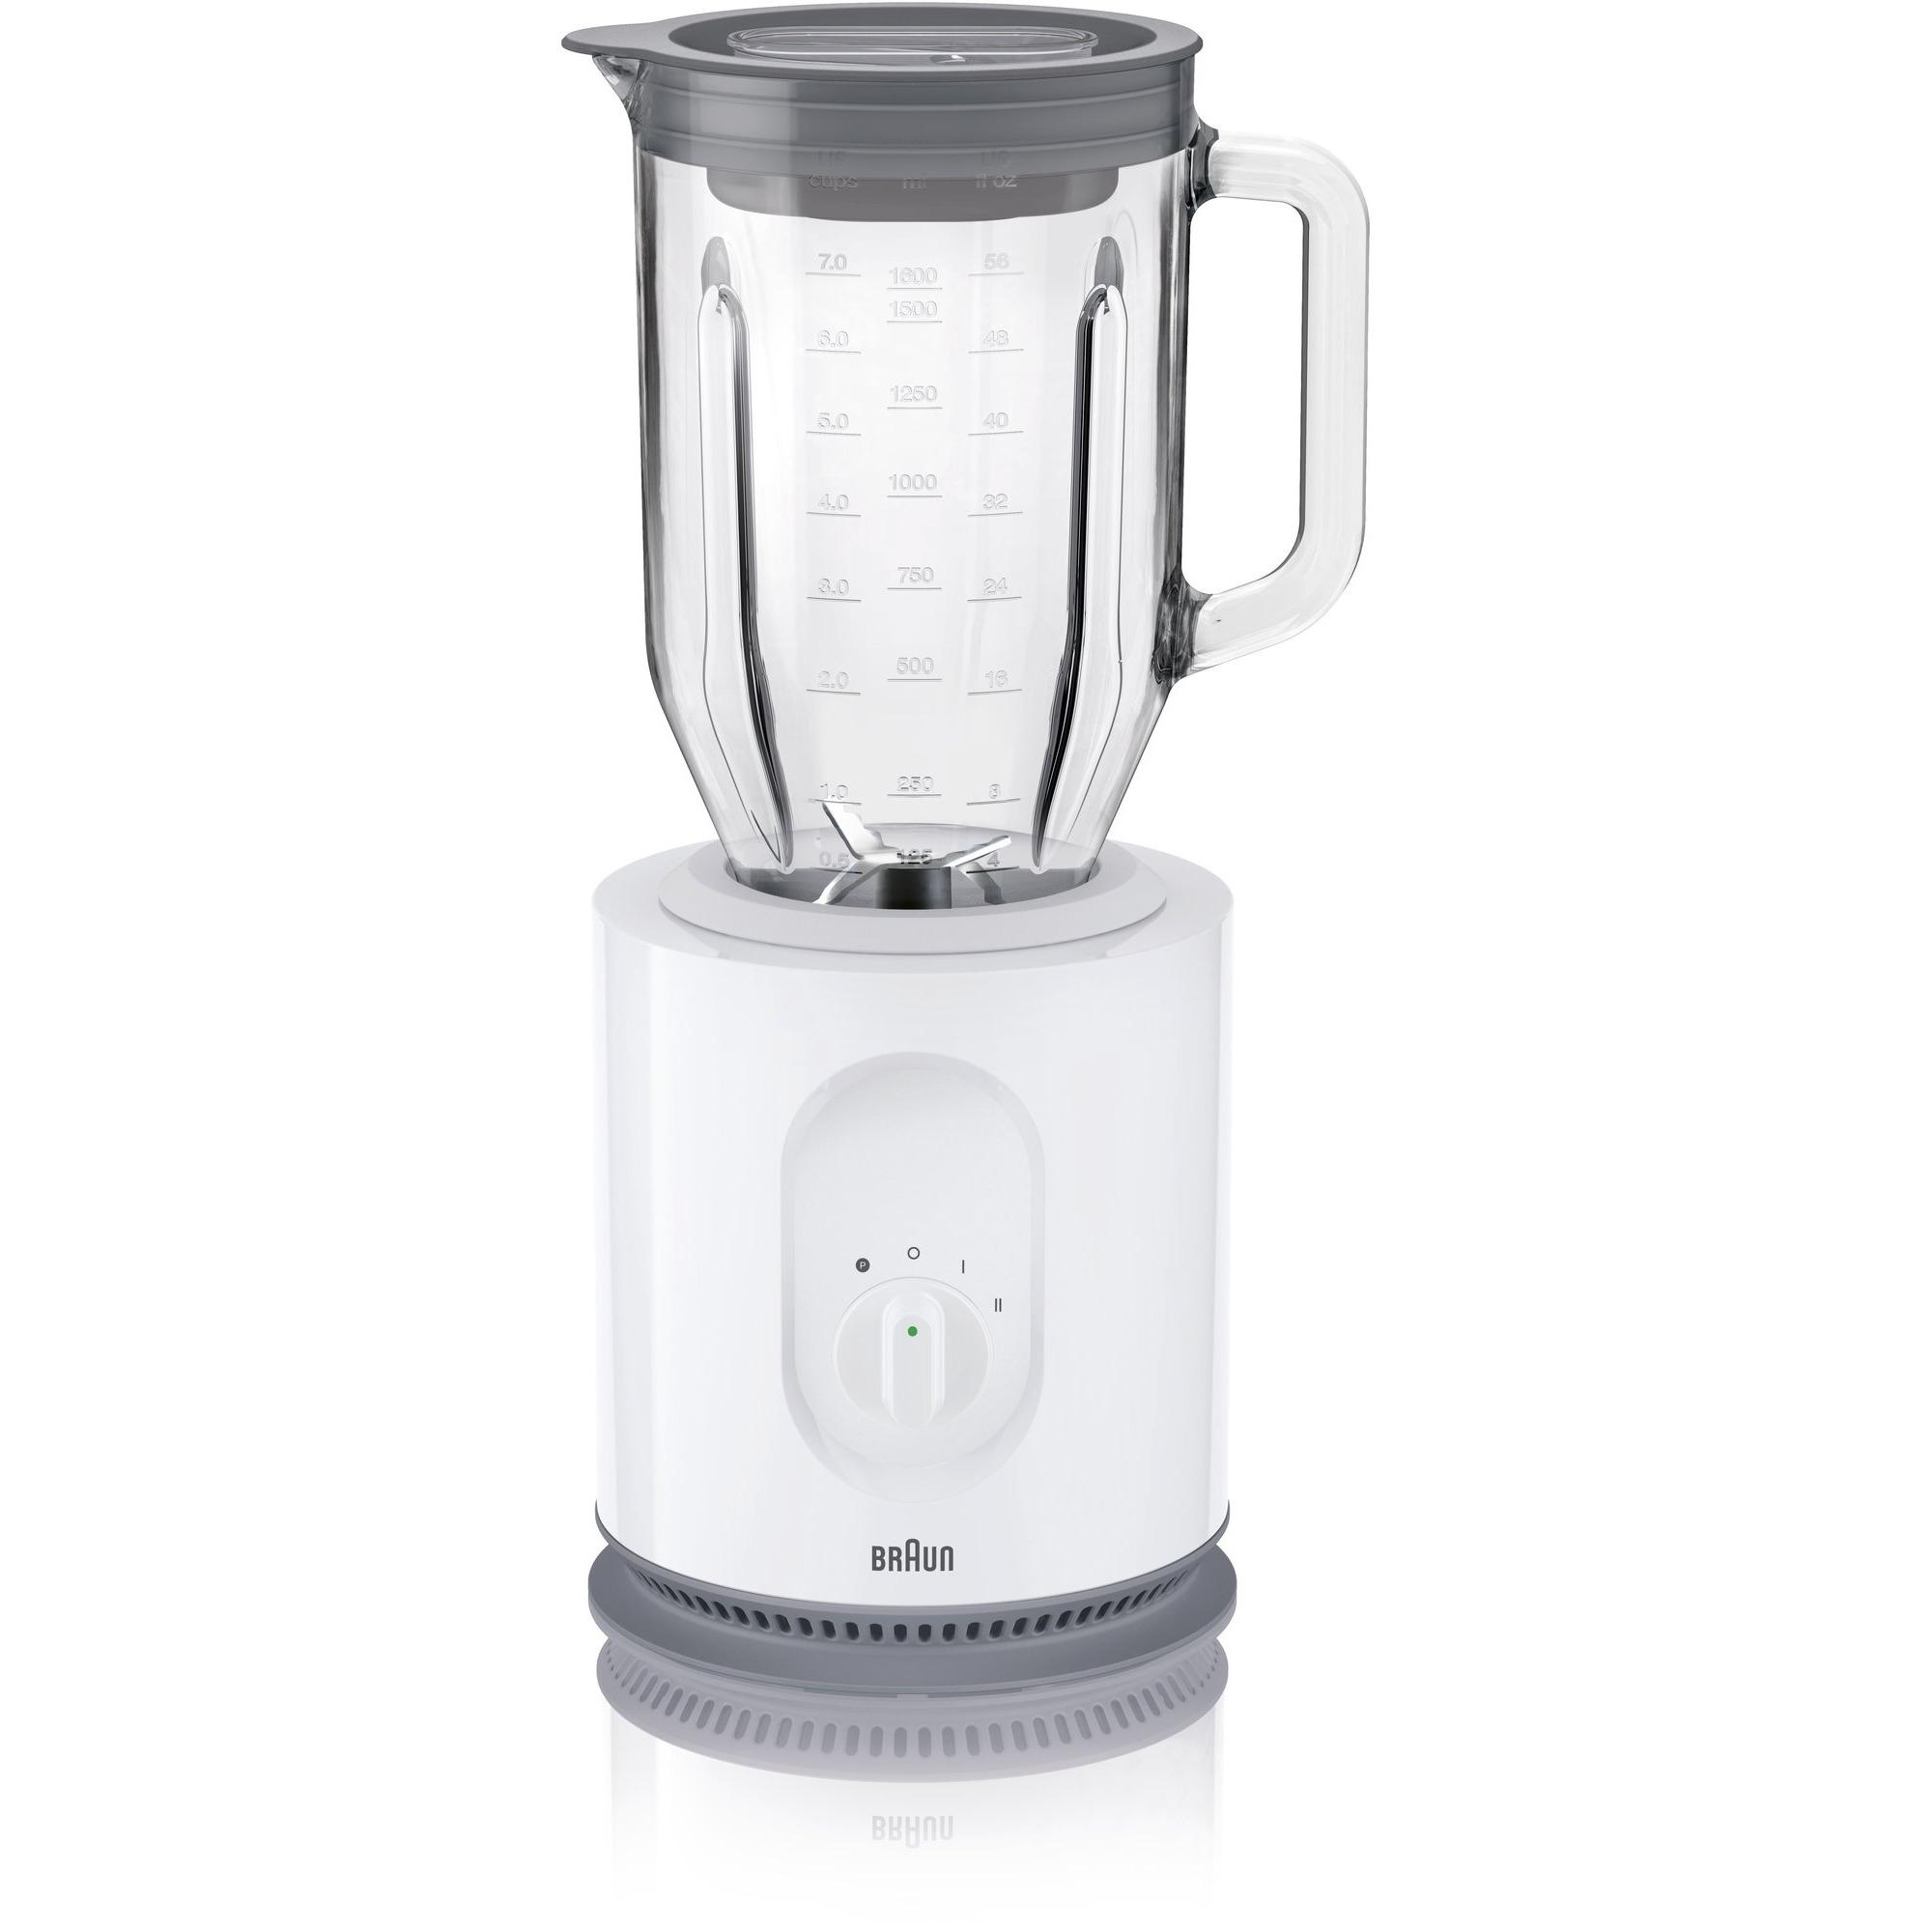 Braun Mixer JB5050 Vit